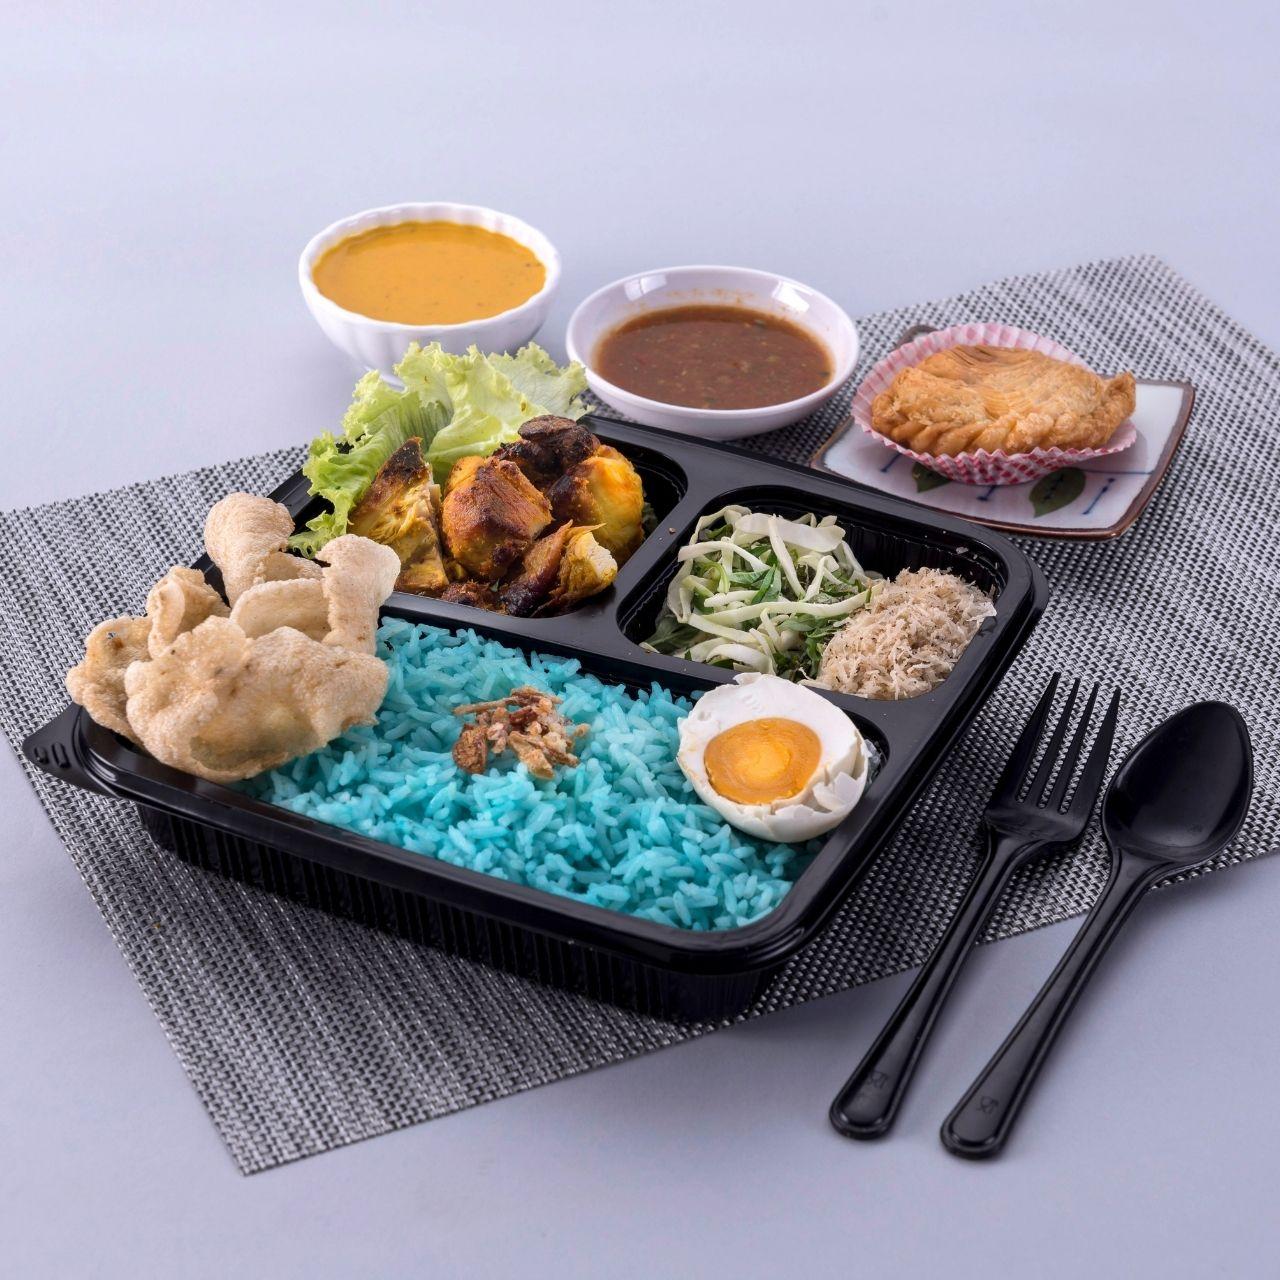 runningmen catering bento box nasi kerabu sambal with ayam percik